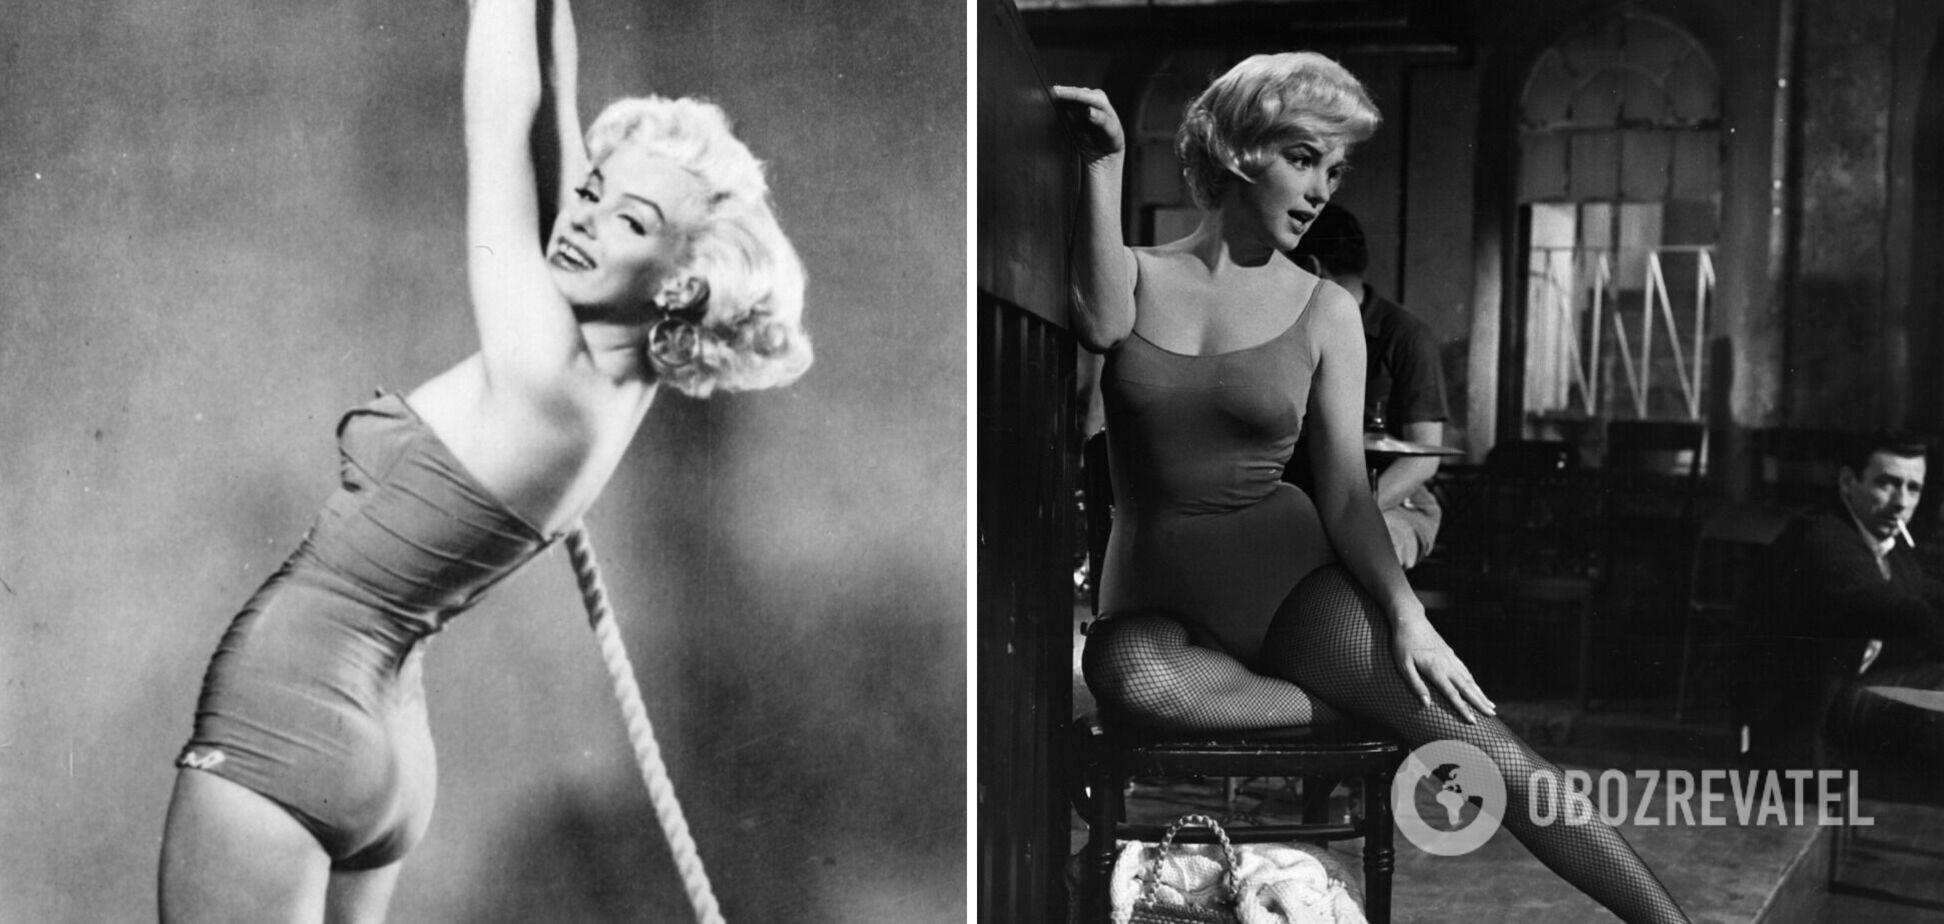 Топ-10 маловідомих фото Мерилін Монро і цікаві факти з життя